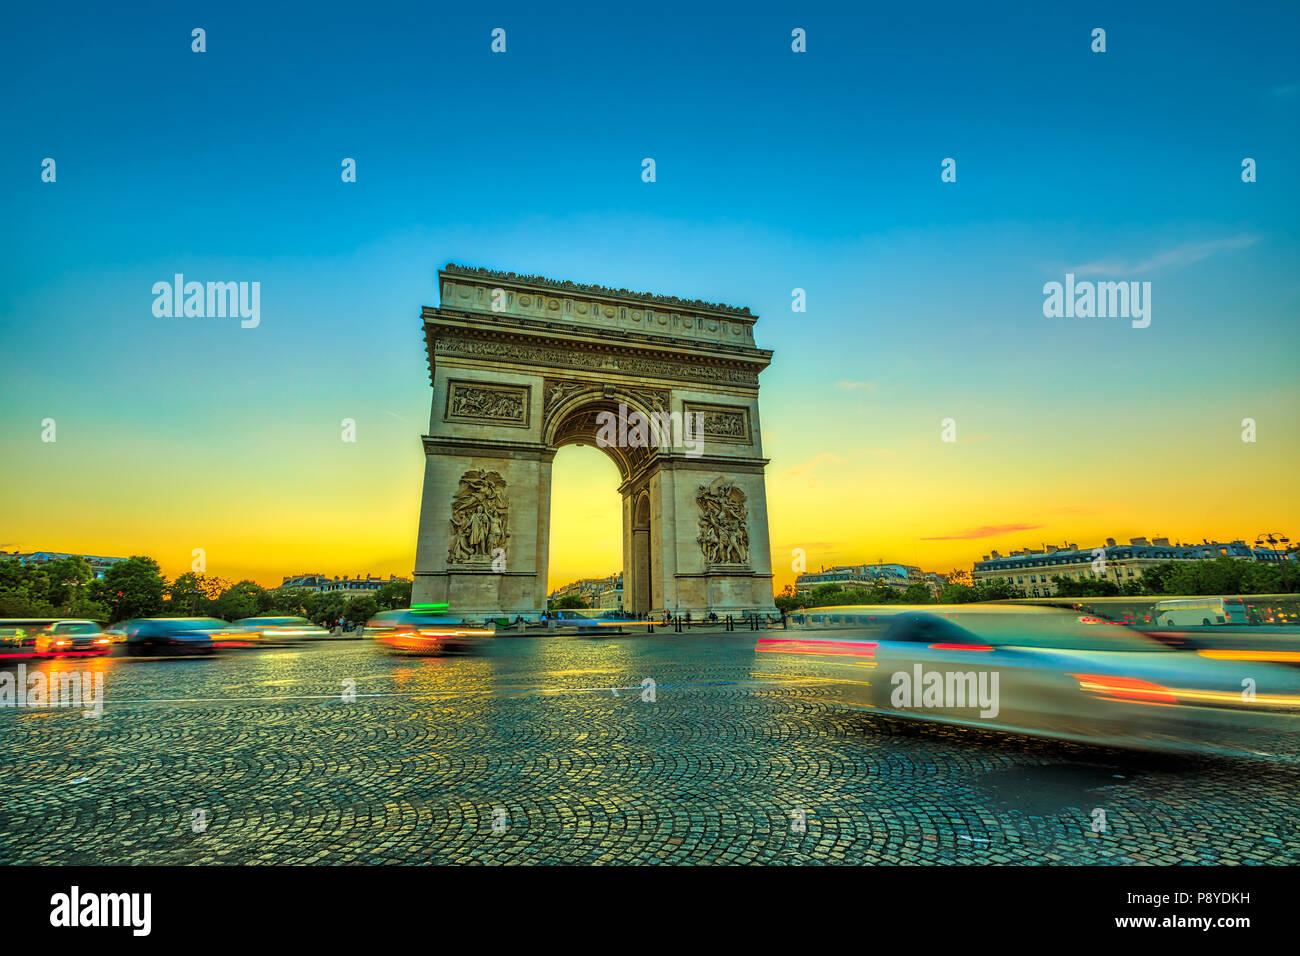 L'Arc de triomphe. Arc de Triomphe à l'extrémité ouest de l'Avenue des Champs Elysées au centre de la Place Charles de Gaulle à Paris au coucher du soleil avec la circulation automobile. Paris capitale de la France en Europe. Photo Stock